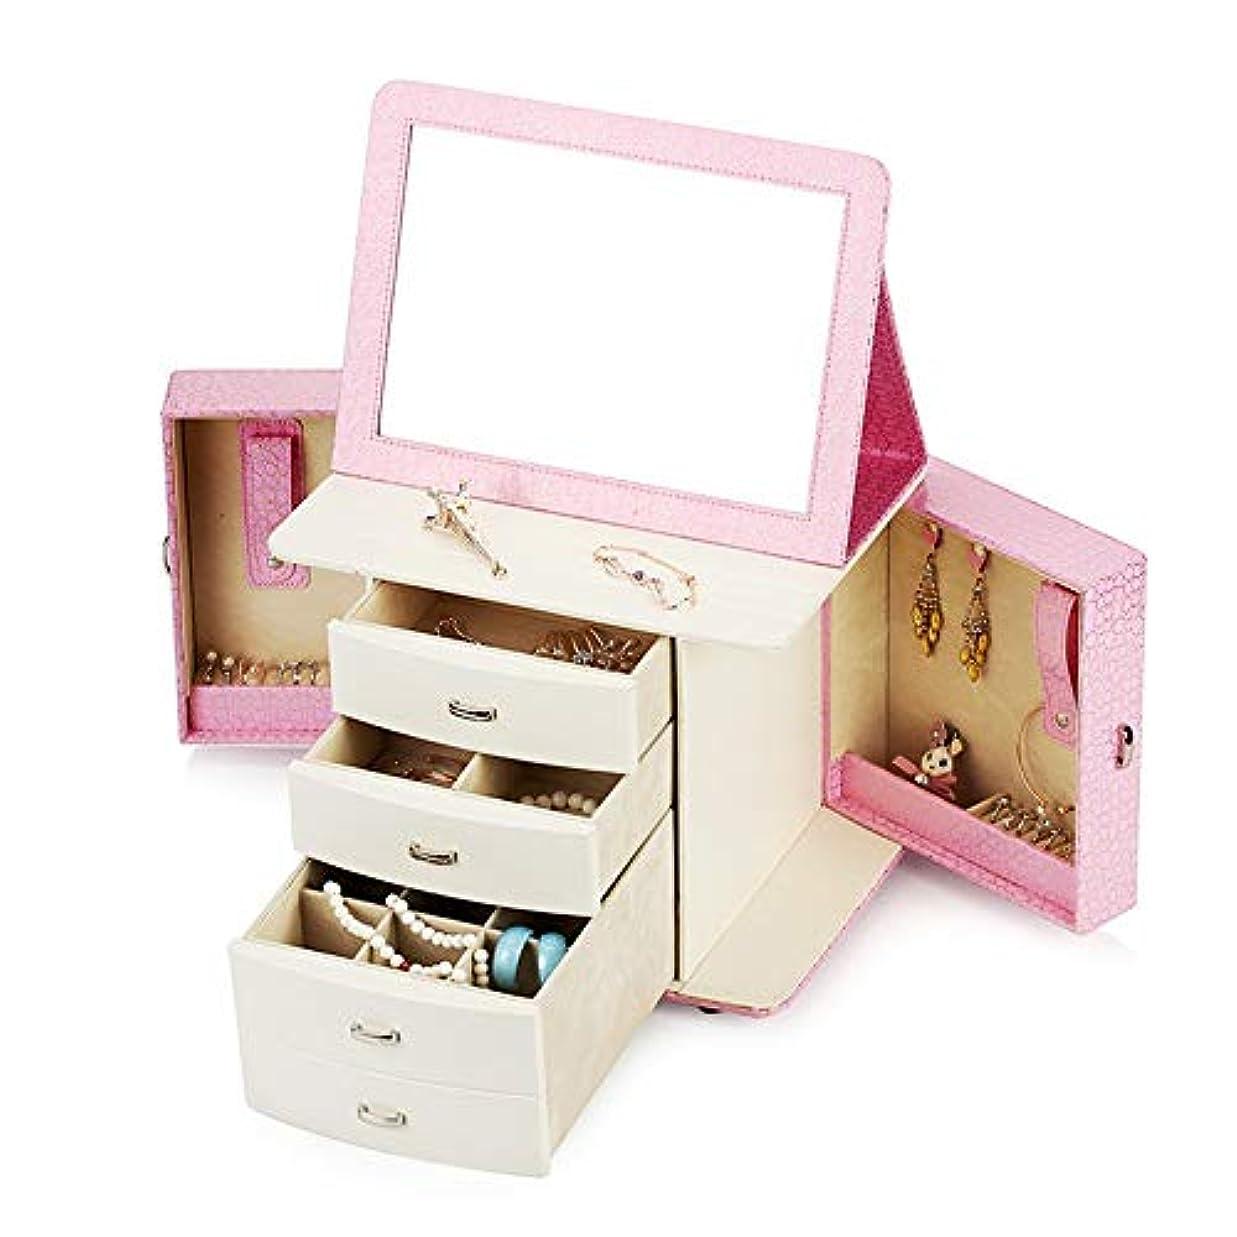 しおれたラベジョットディボンドン化粧オーガナイザーバッグ 女性用ジュエリー収納ボックス小物収納用多層引き出し付 化粧品ケース